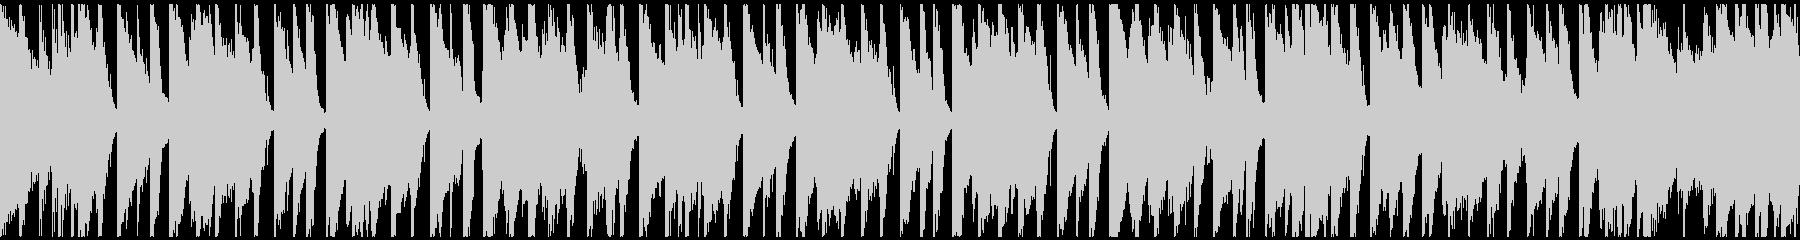 穏やかなアコースティックポップ(ループ)の未再生の波形